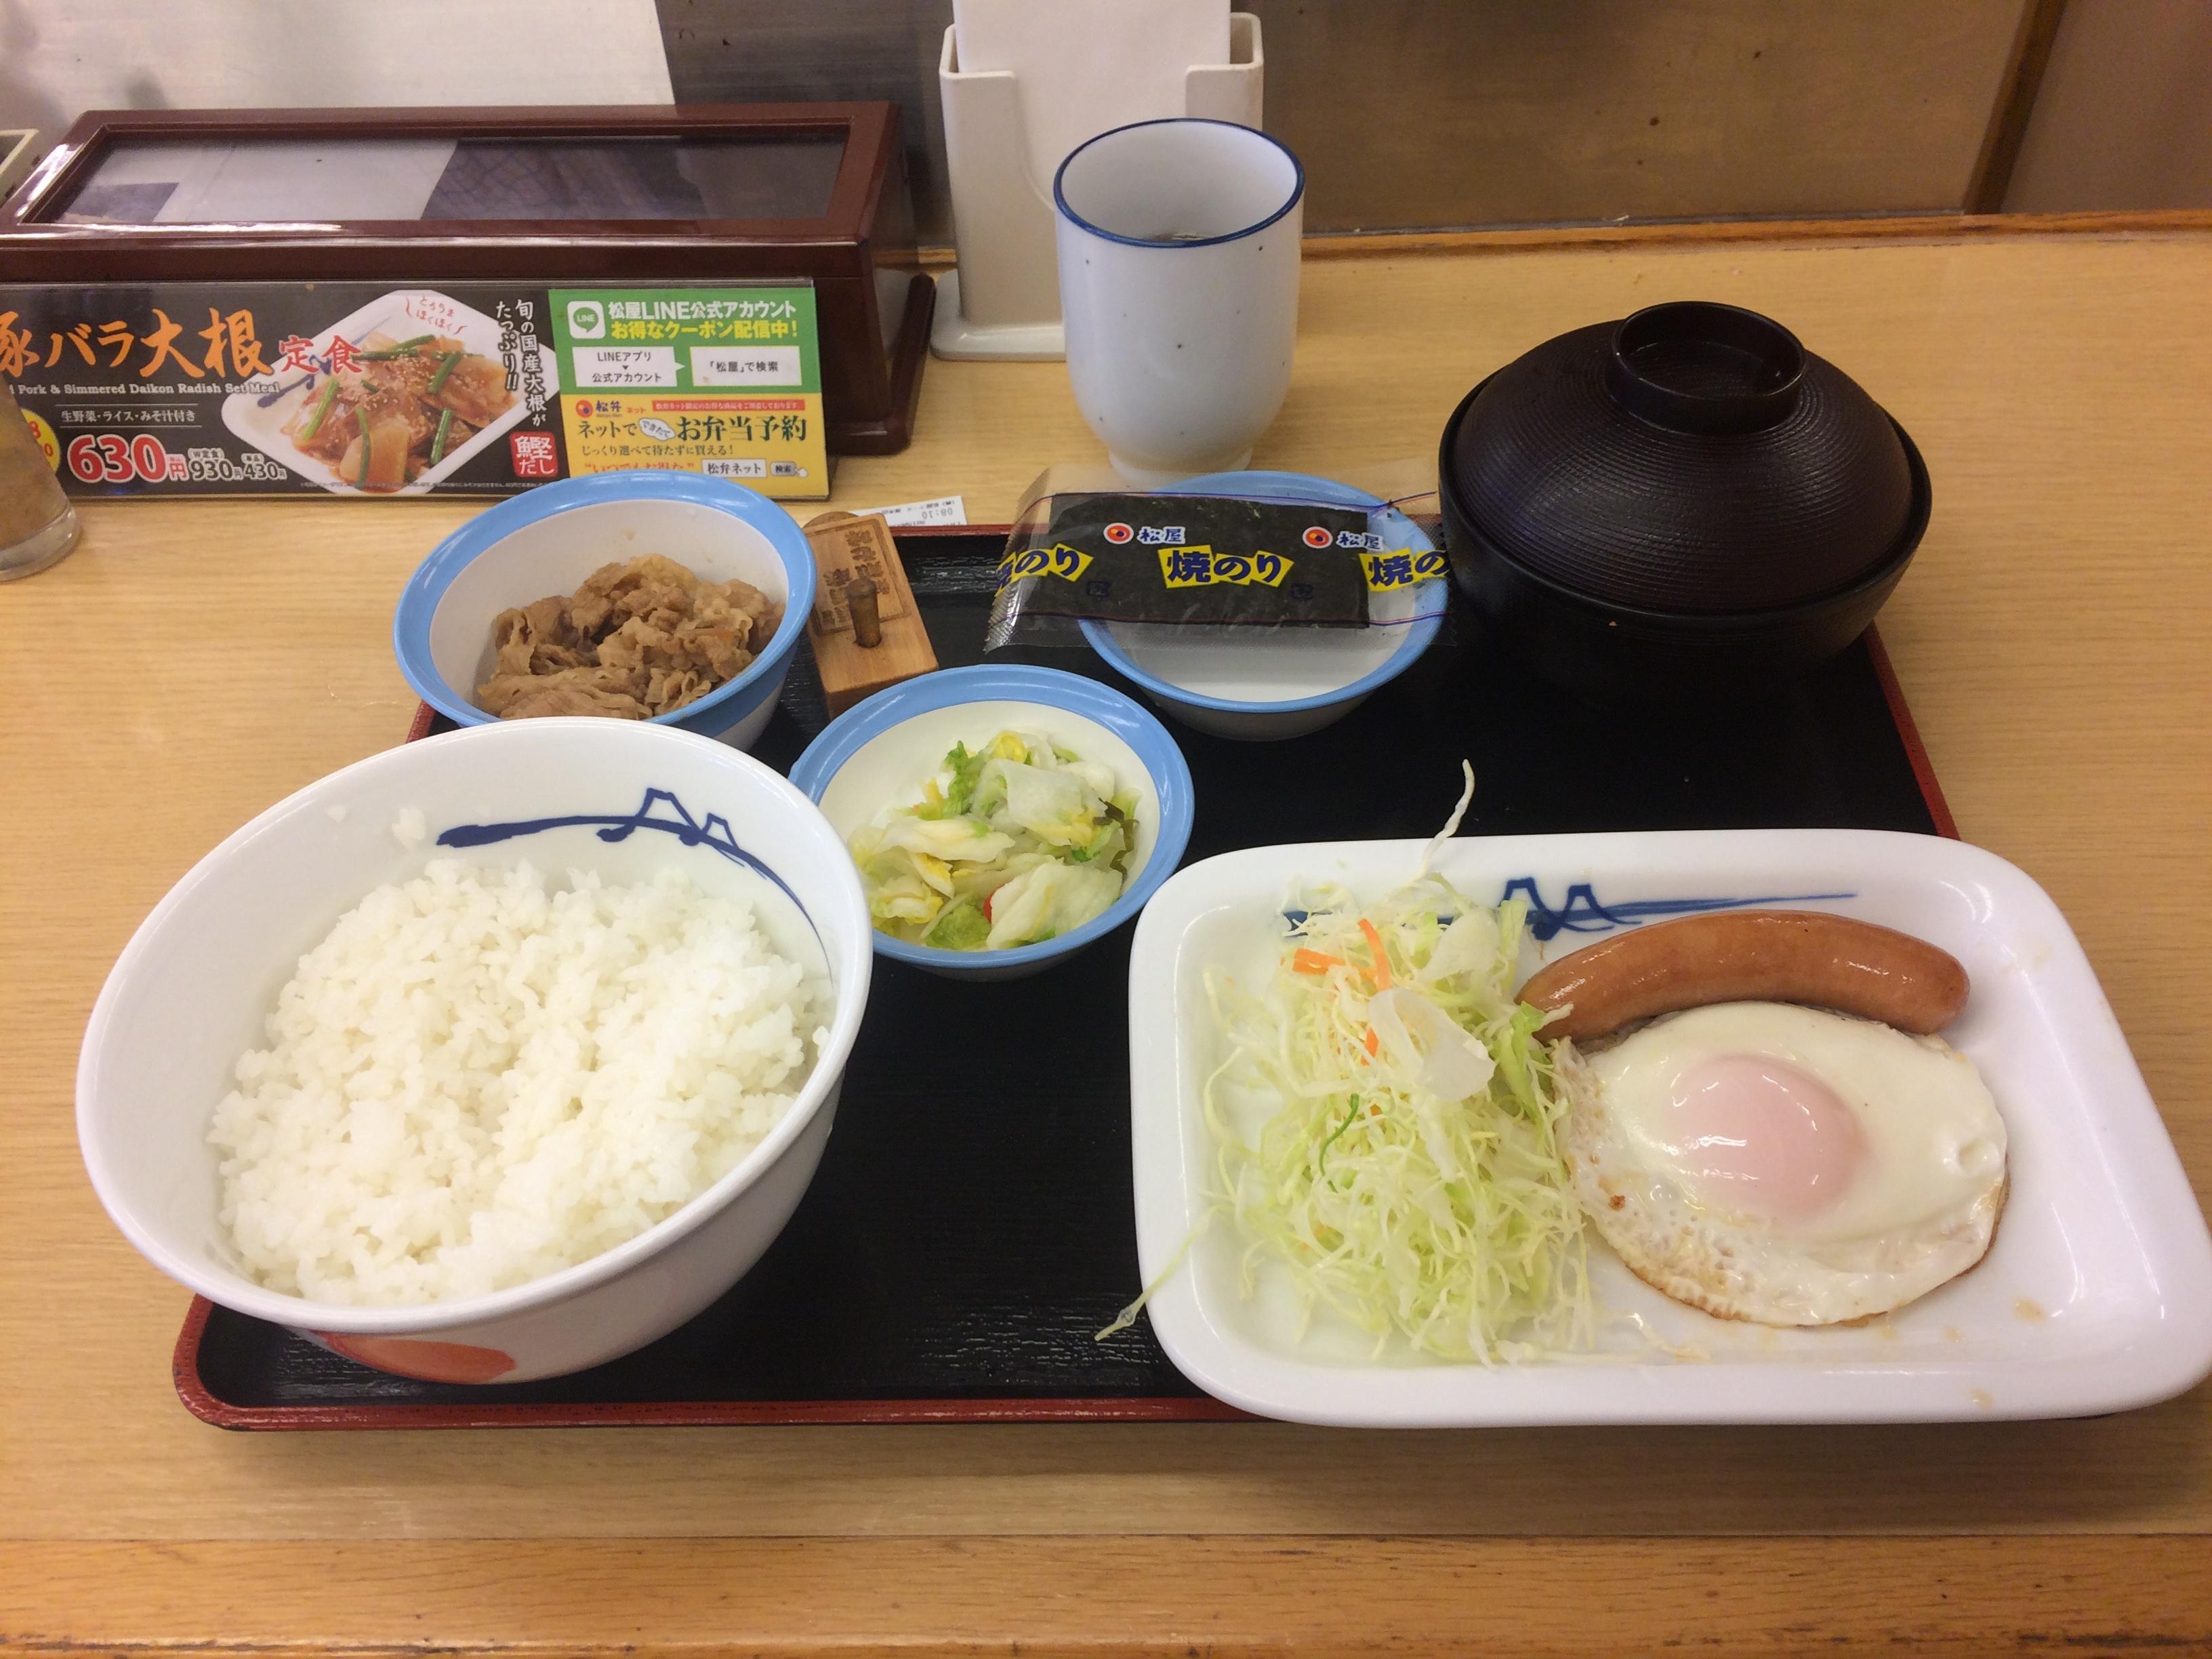 松屋 ソーセージエッグ定食 400円